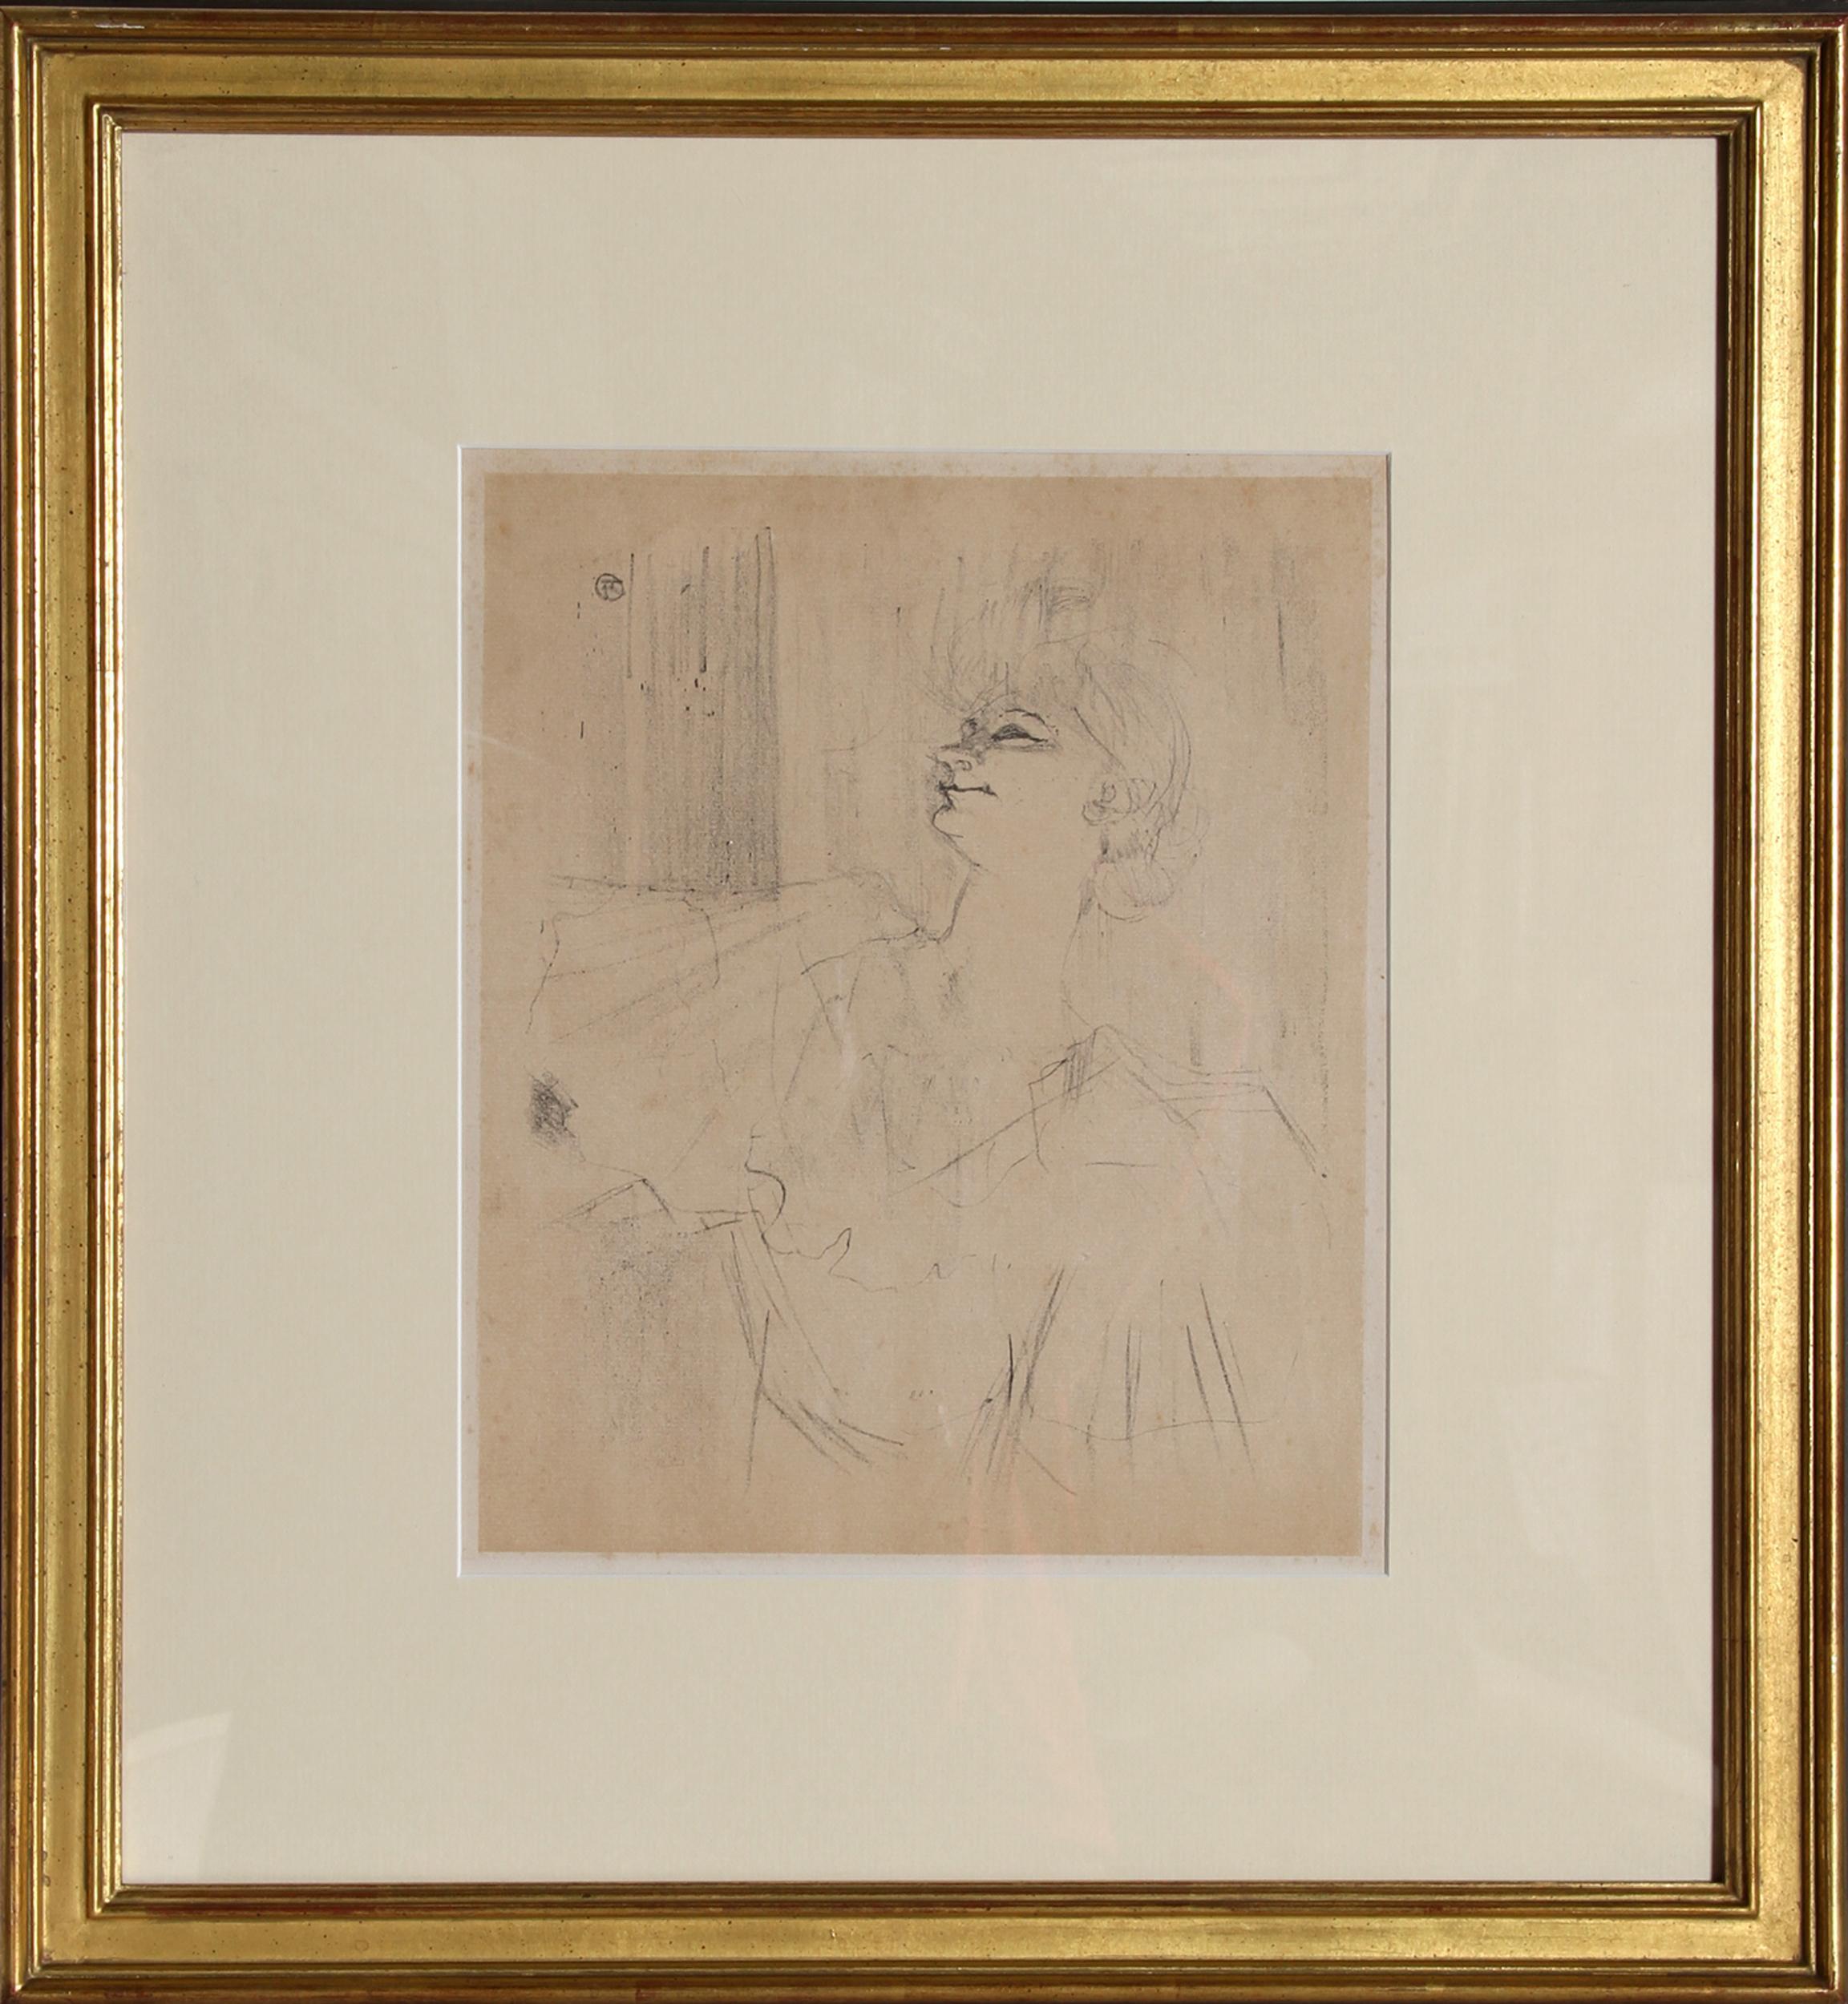 Henri de Toulouse-Lautrec, Yvette Guilbert - Menilmontant, Lithograph